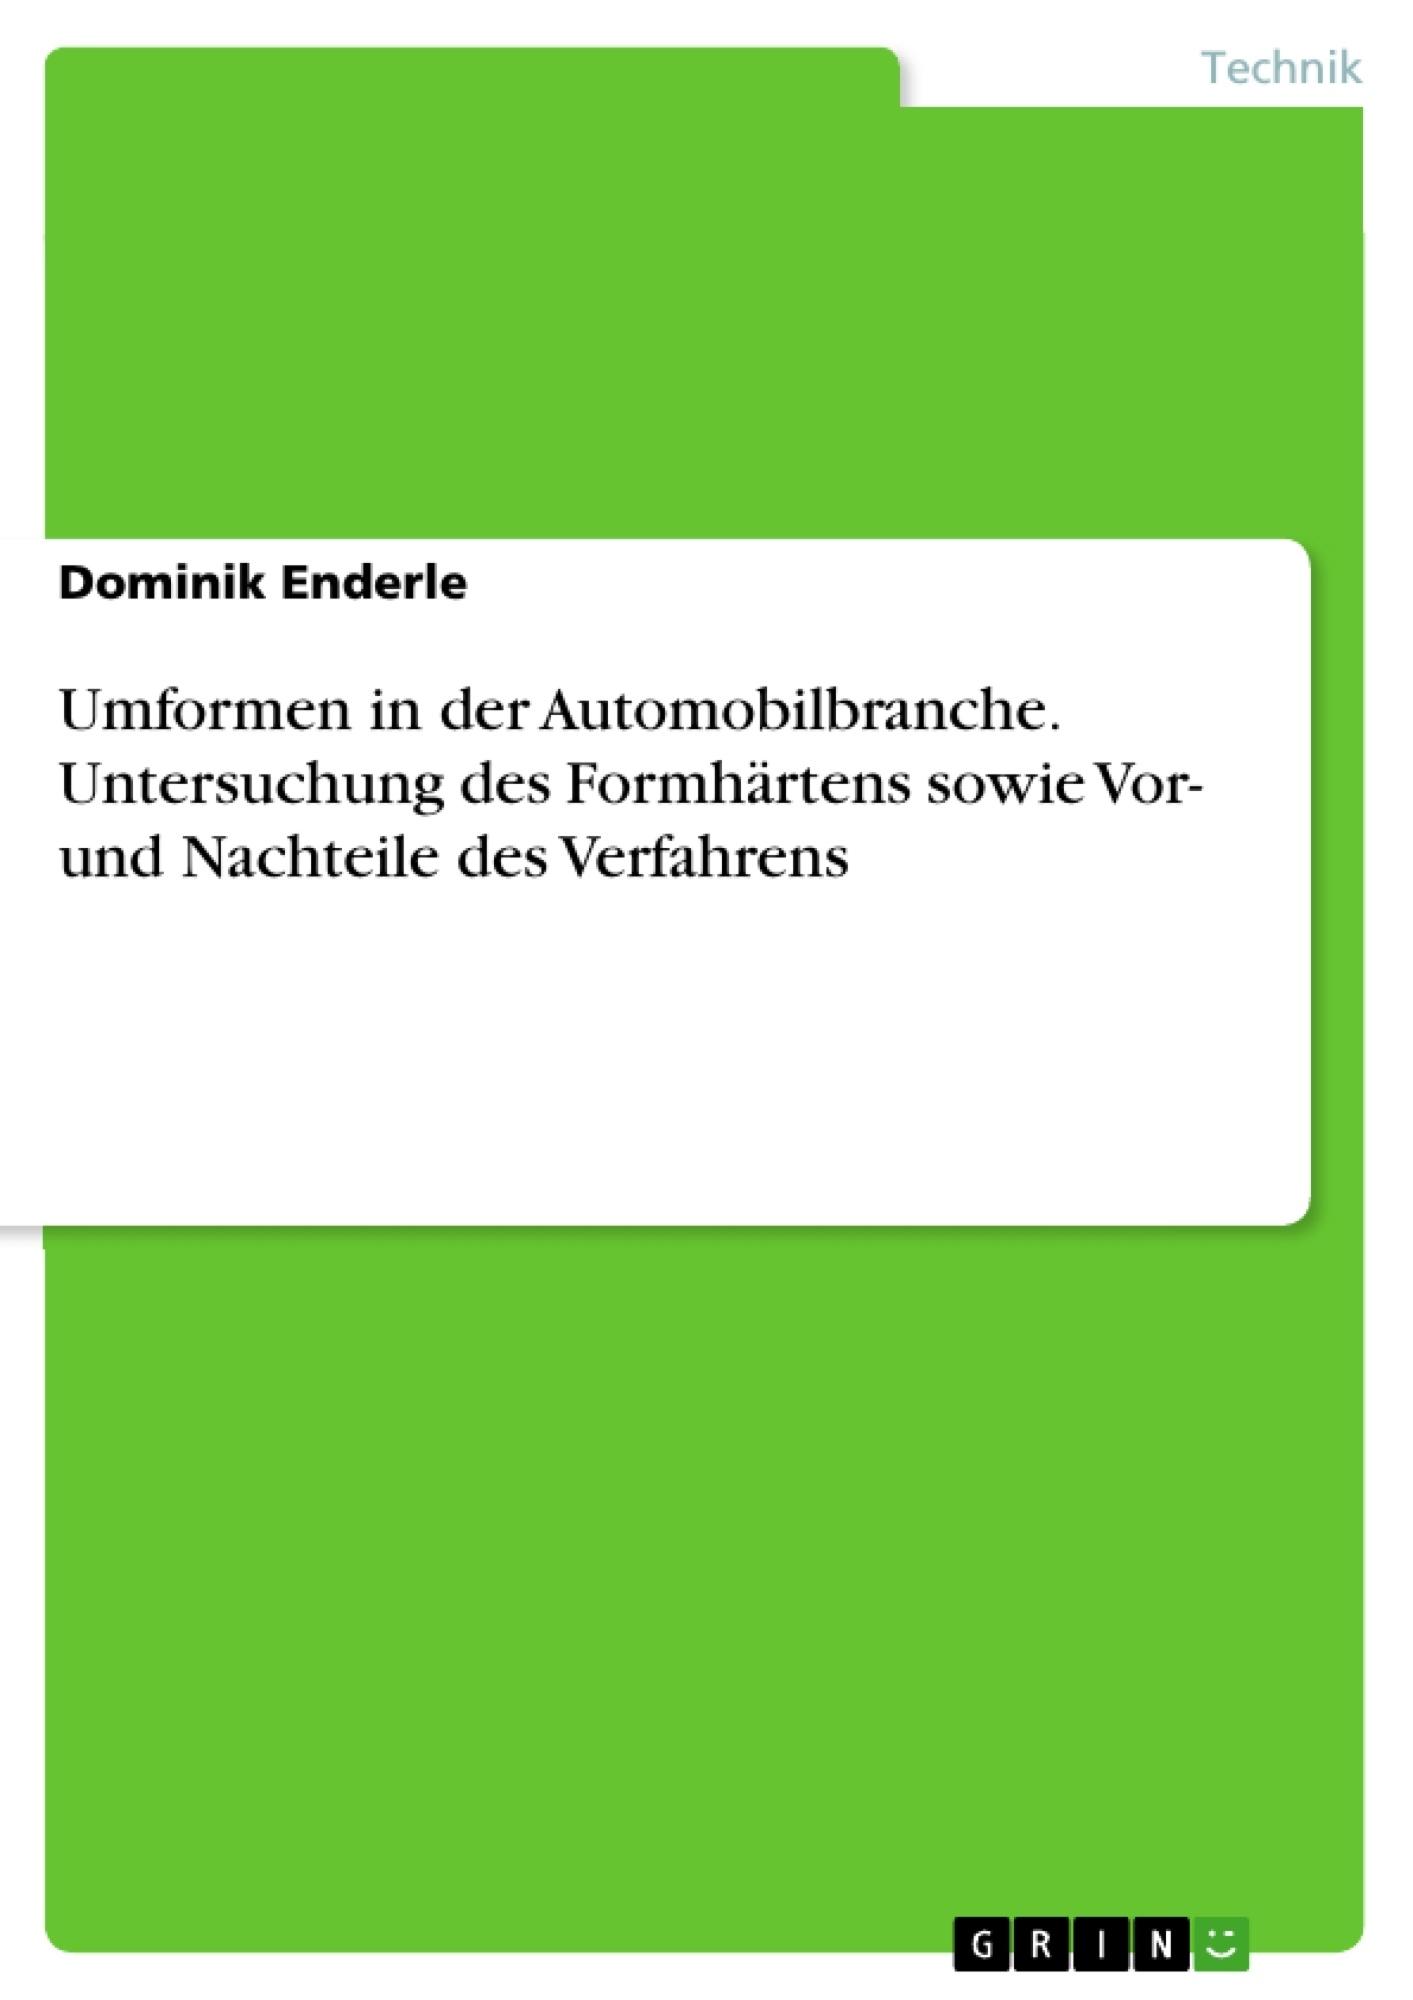 Titel: Umformen in der Automobilbranche. Untersuchung des Formhärtens sowie Vor- und Nachteile des Verfahrens